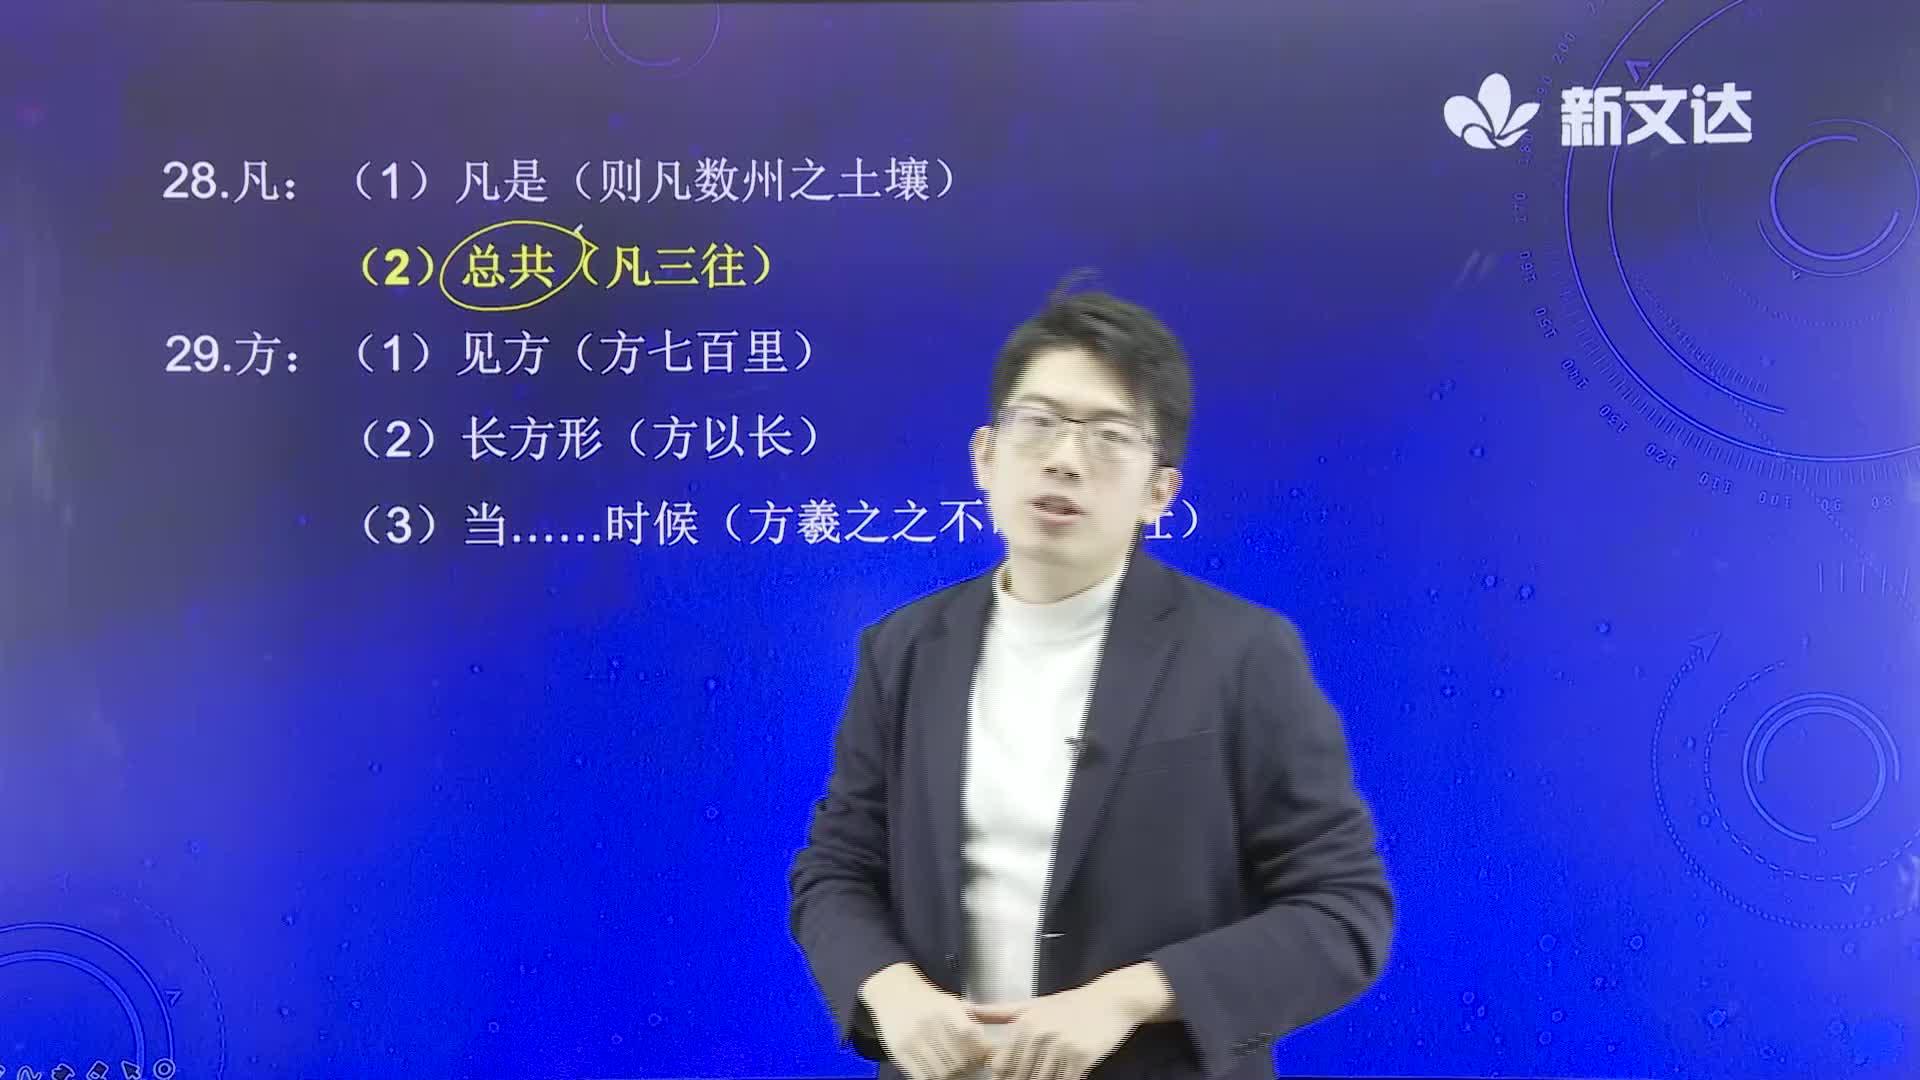 第二讲 高考语文常考题型-文言文突破【直击高考系列】